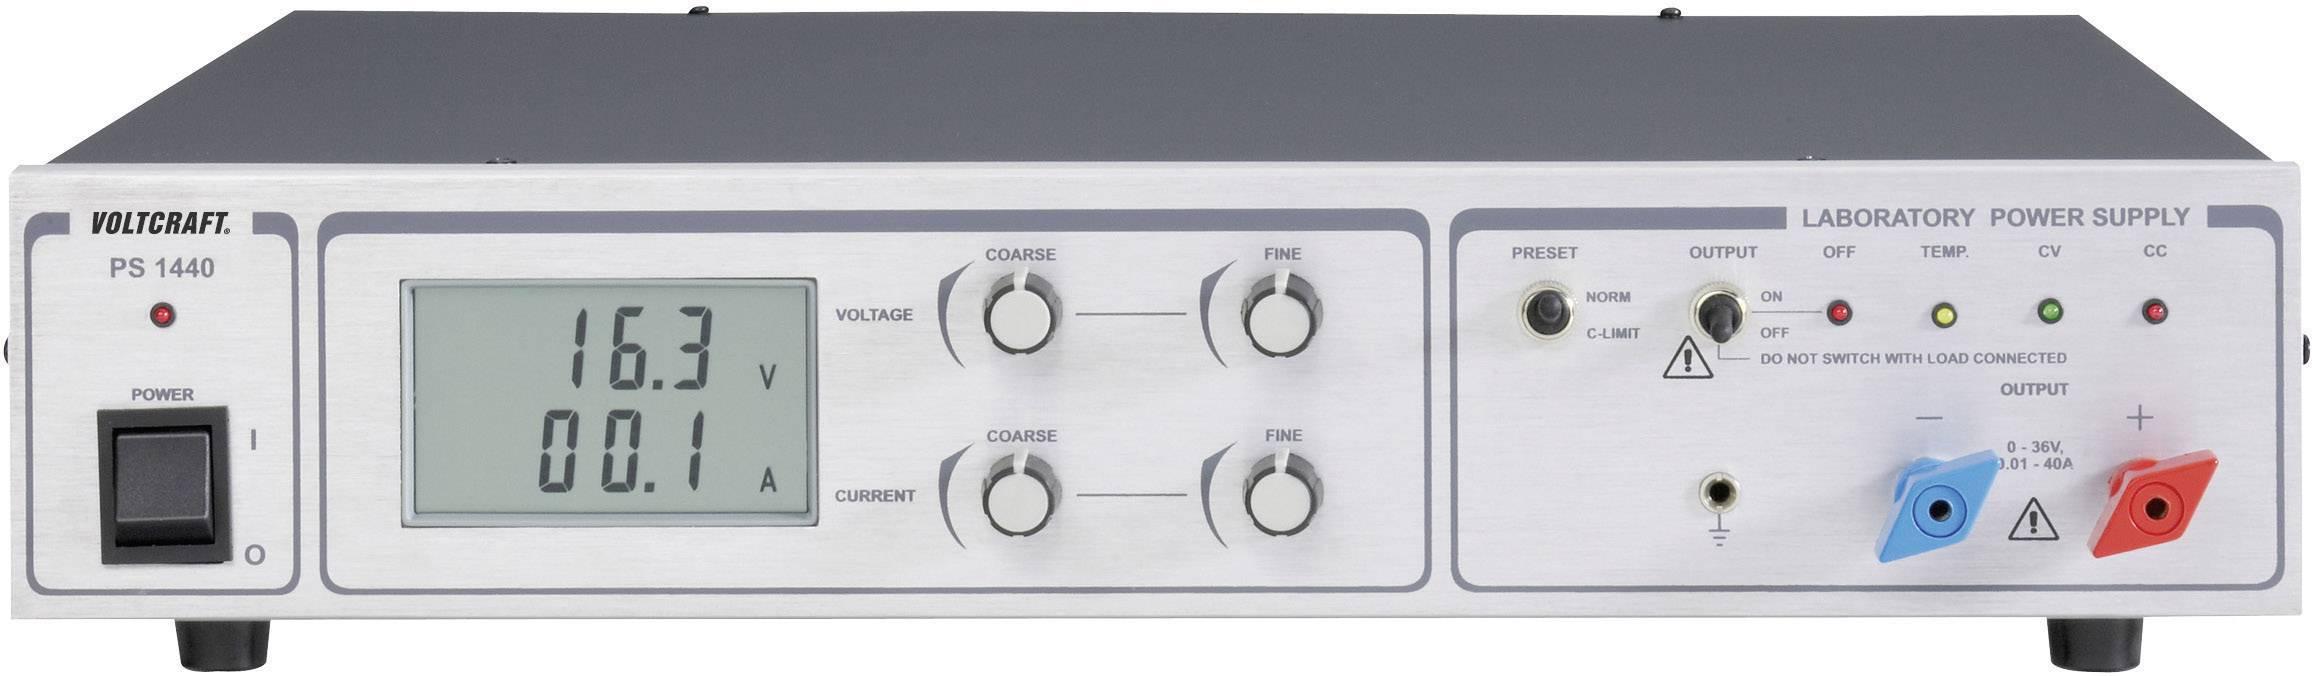 36 volt lifepo 40 a genie intellicode garage door wiring diagram voltcraft 19 zoll labornetzgerät einstellbar ps 1440